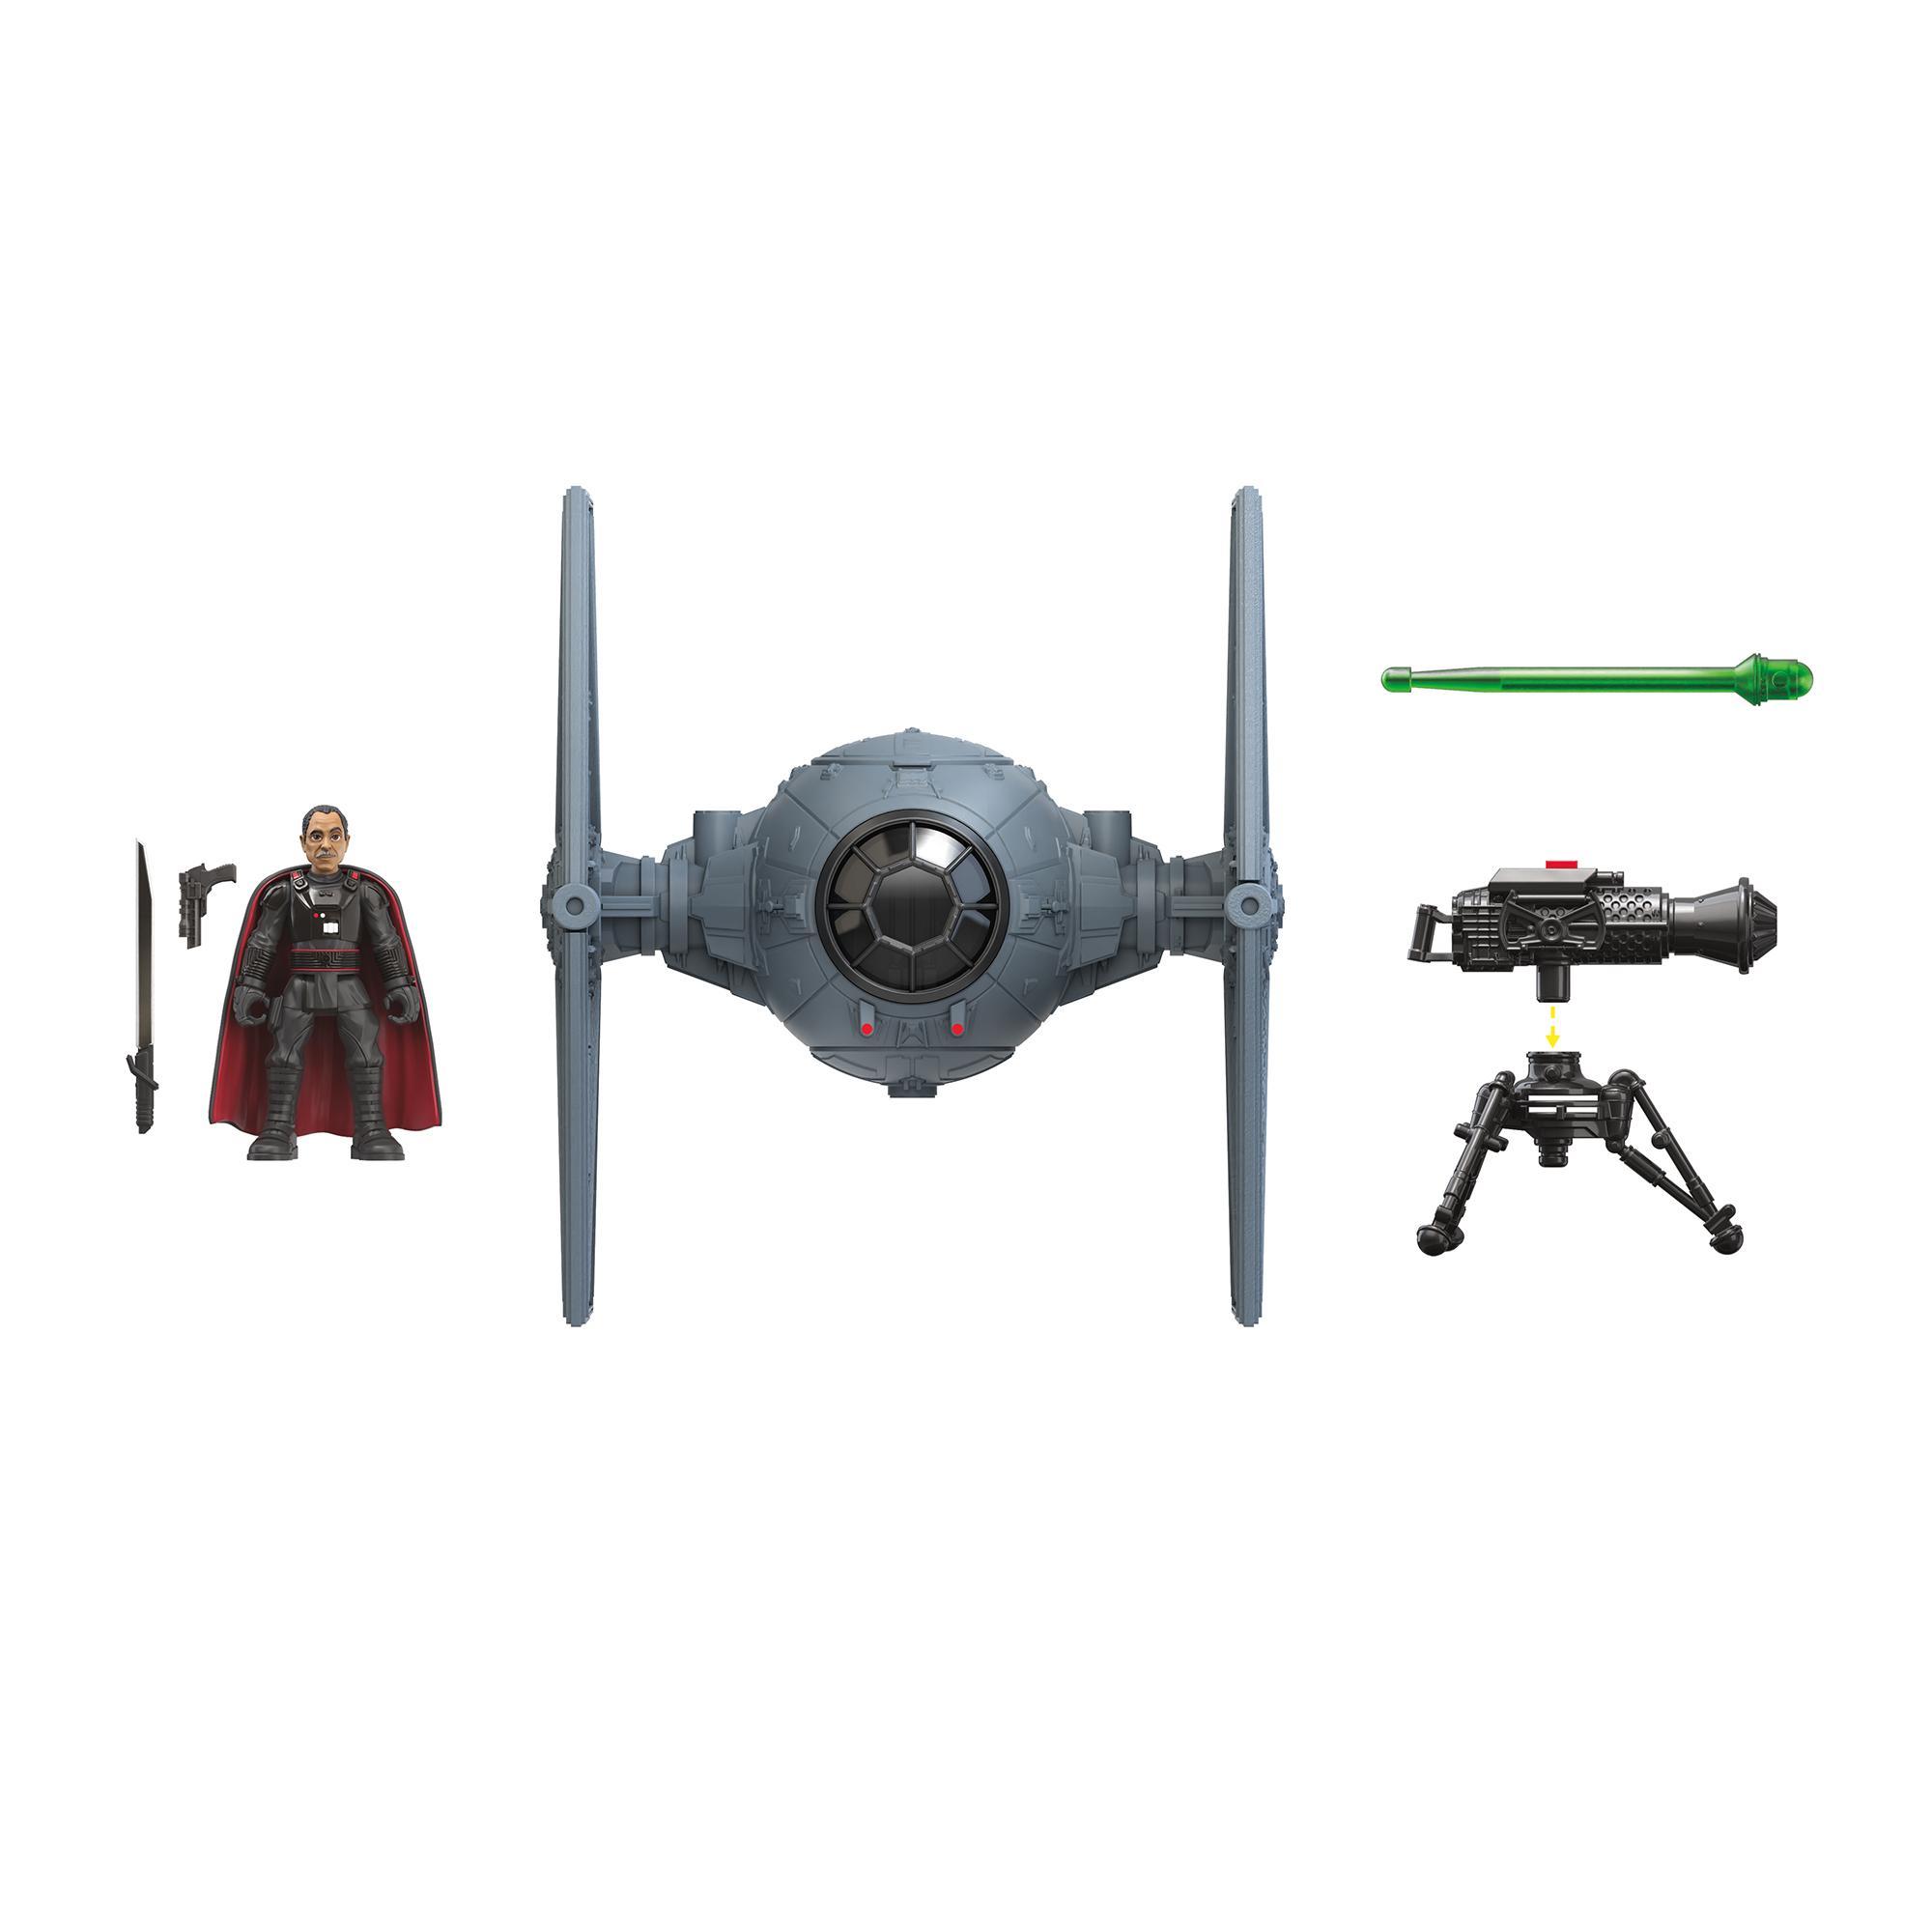 Star Wars Mission Fleet Outland TIE fighter Moff Gideon